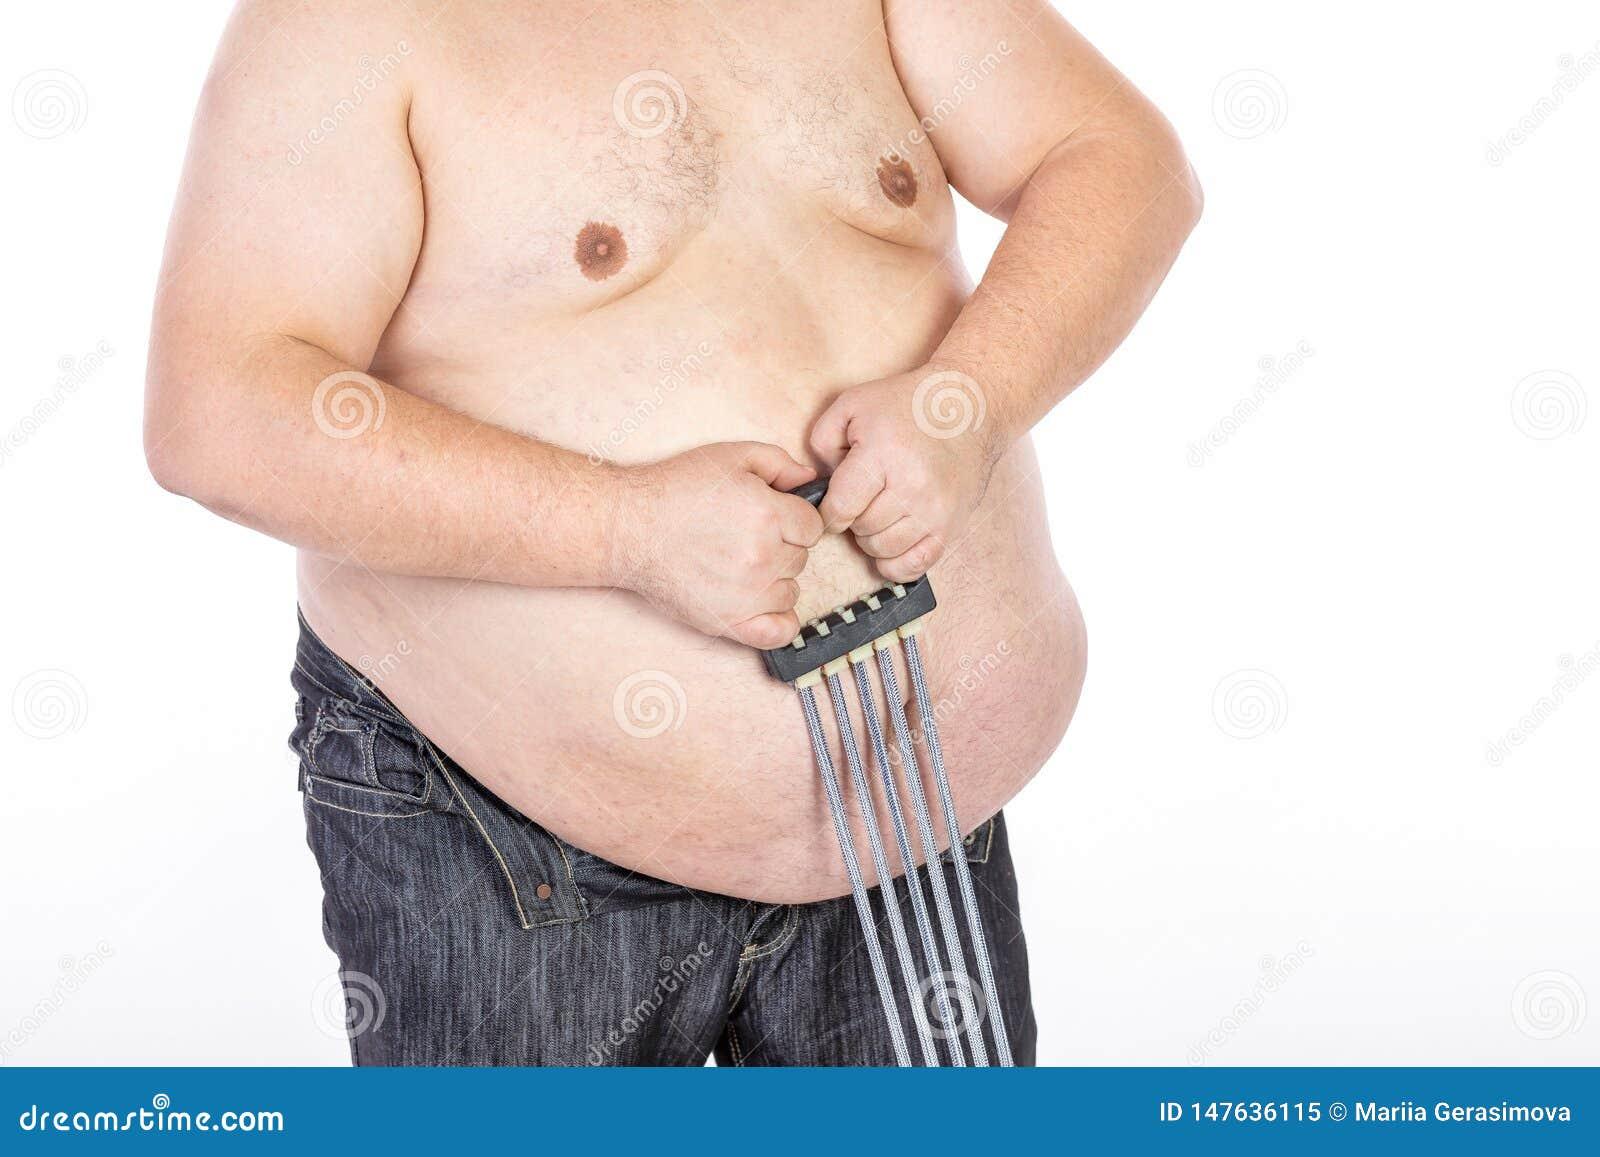 Hombres grandes del vientre antes de la dieta y de la aptitud